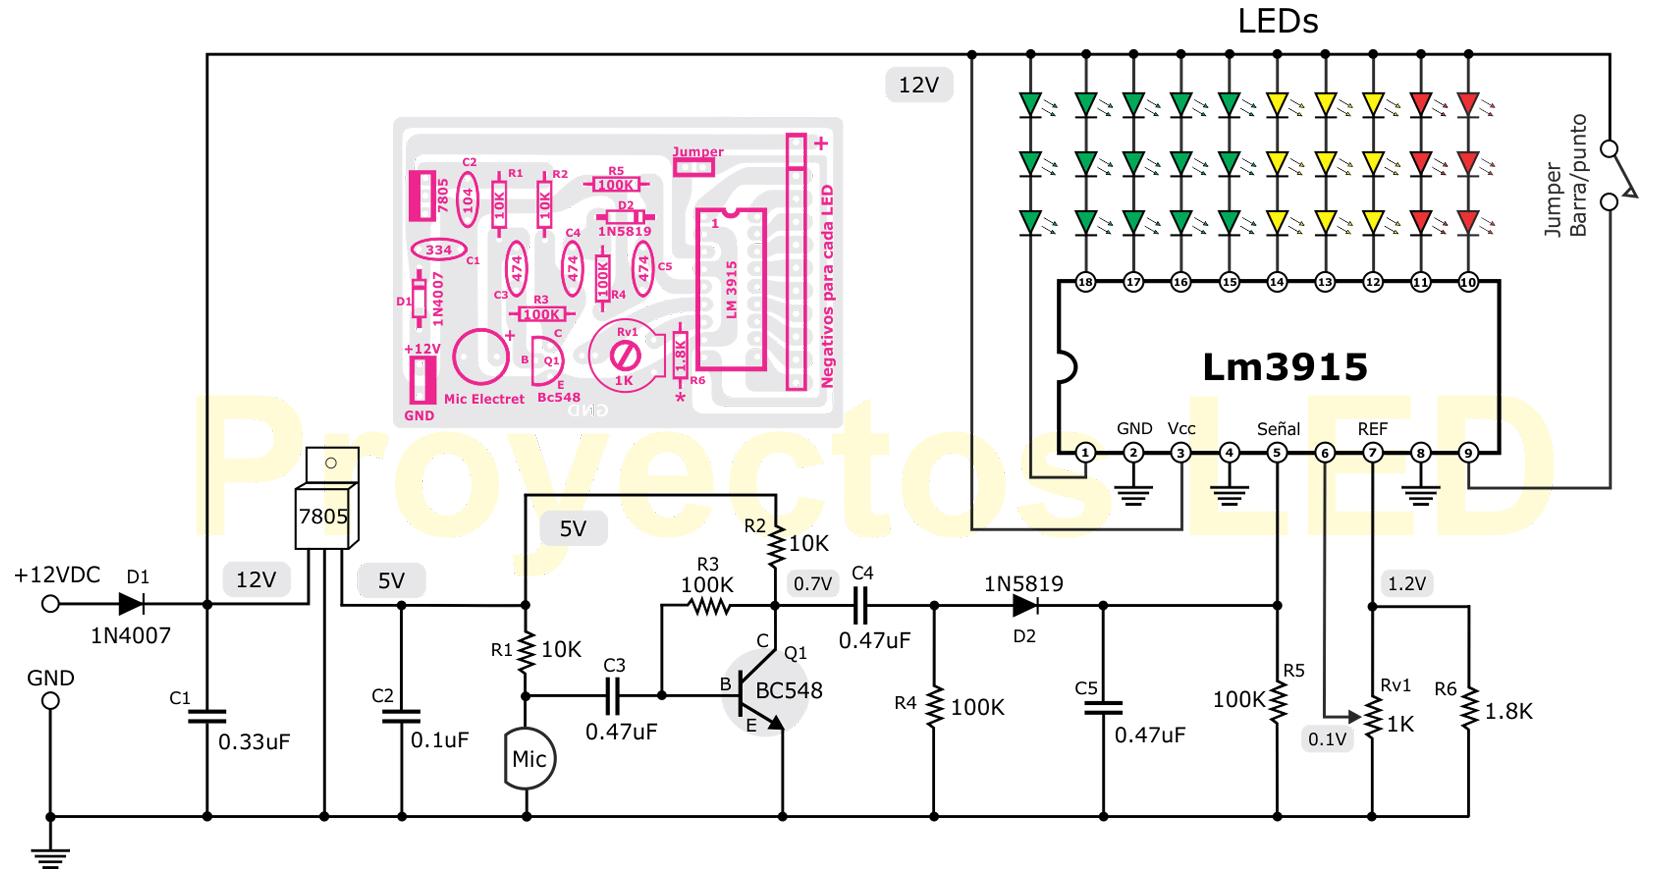 Diagrama Vumetro En 2018 Pinterest Diagram Electronic Circuits Diagramselectronics Projects Designshobby